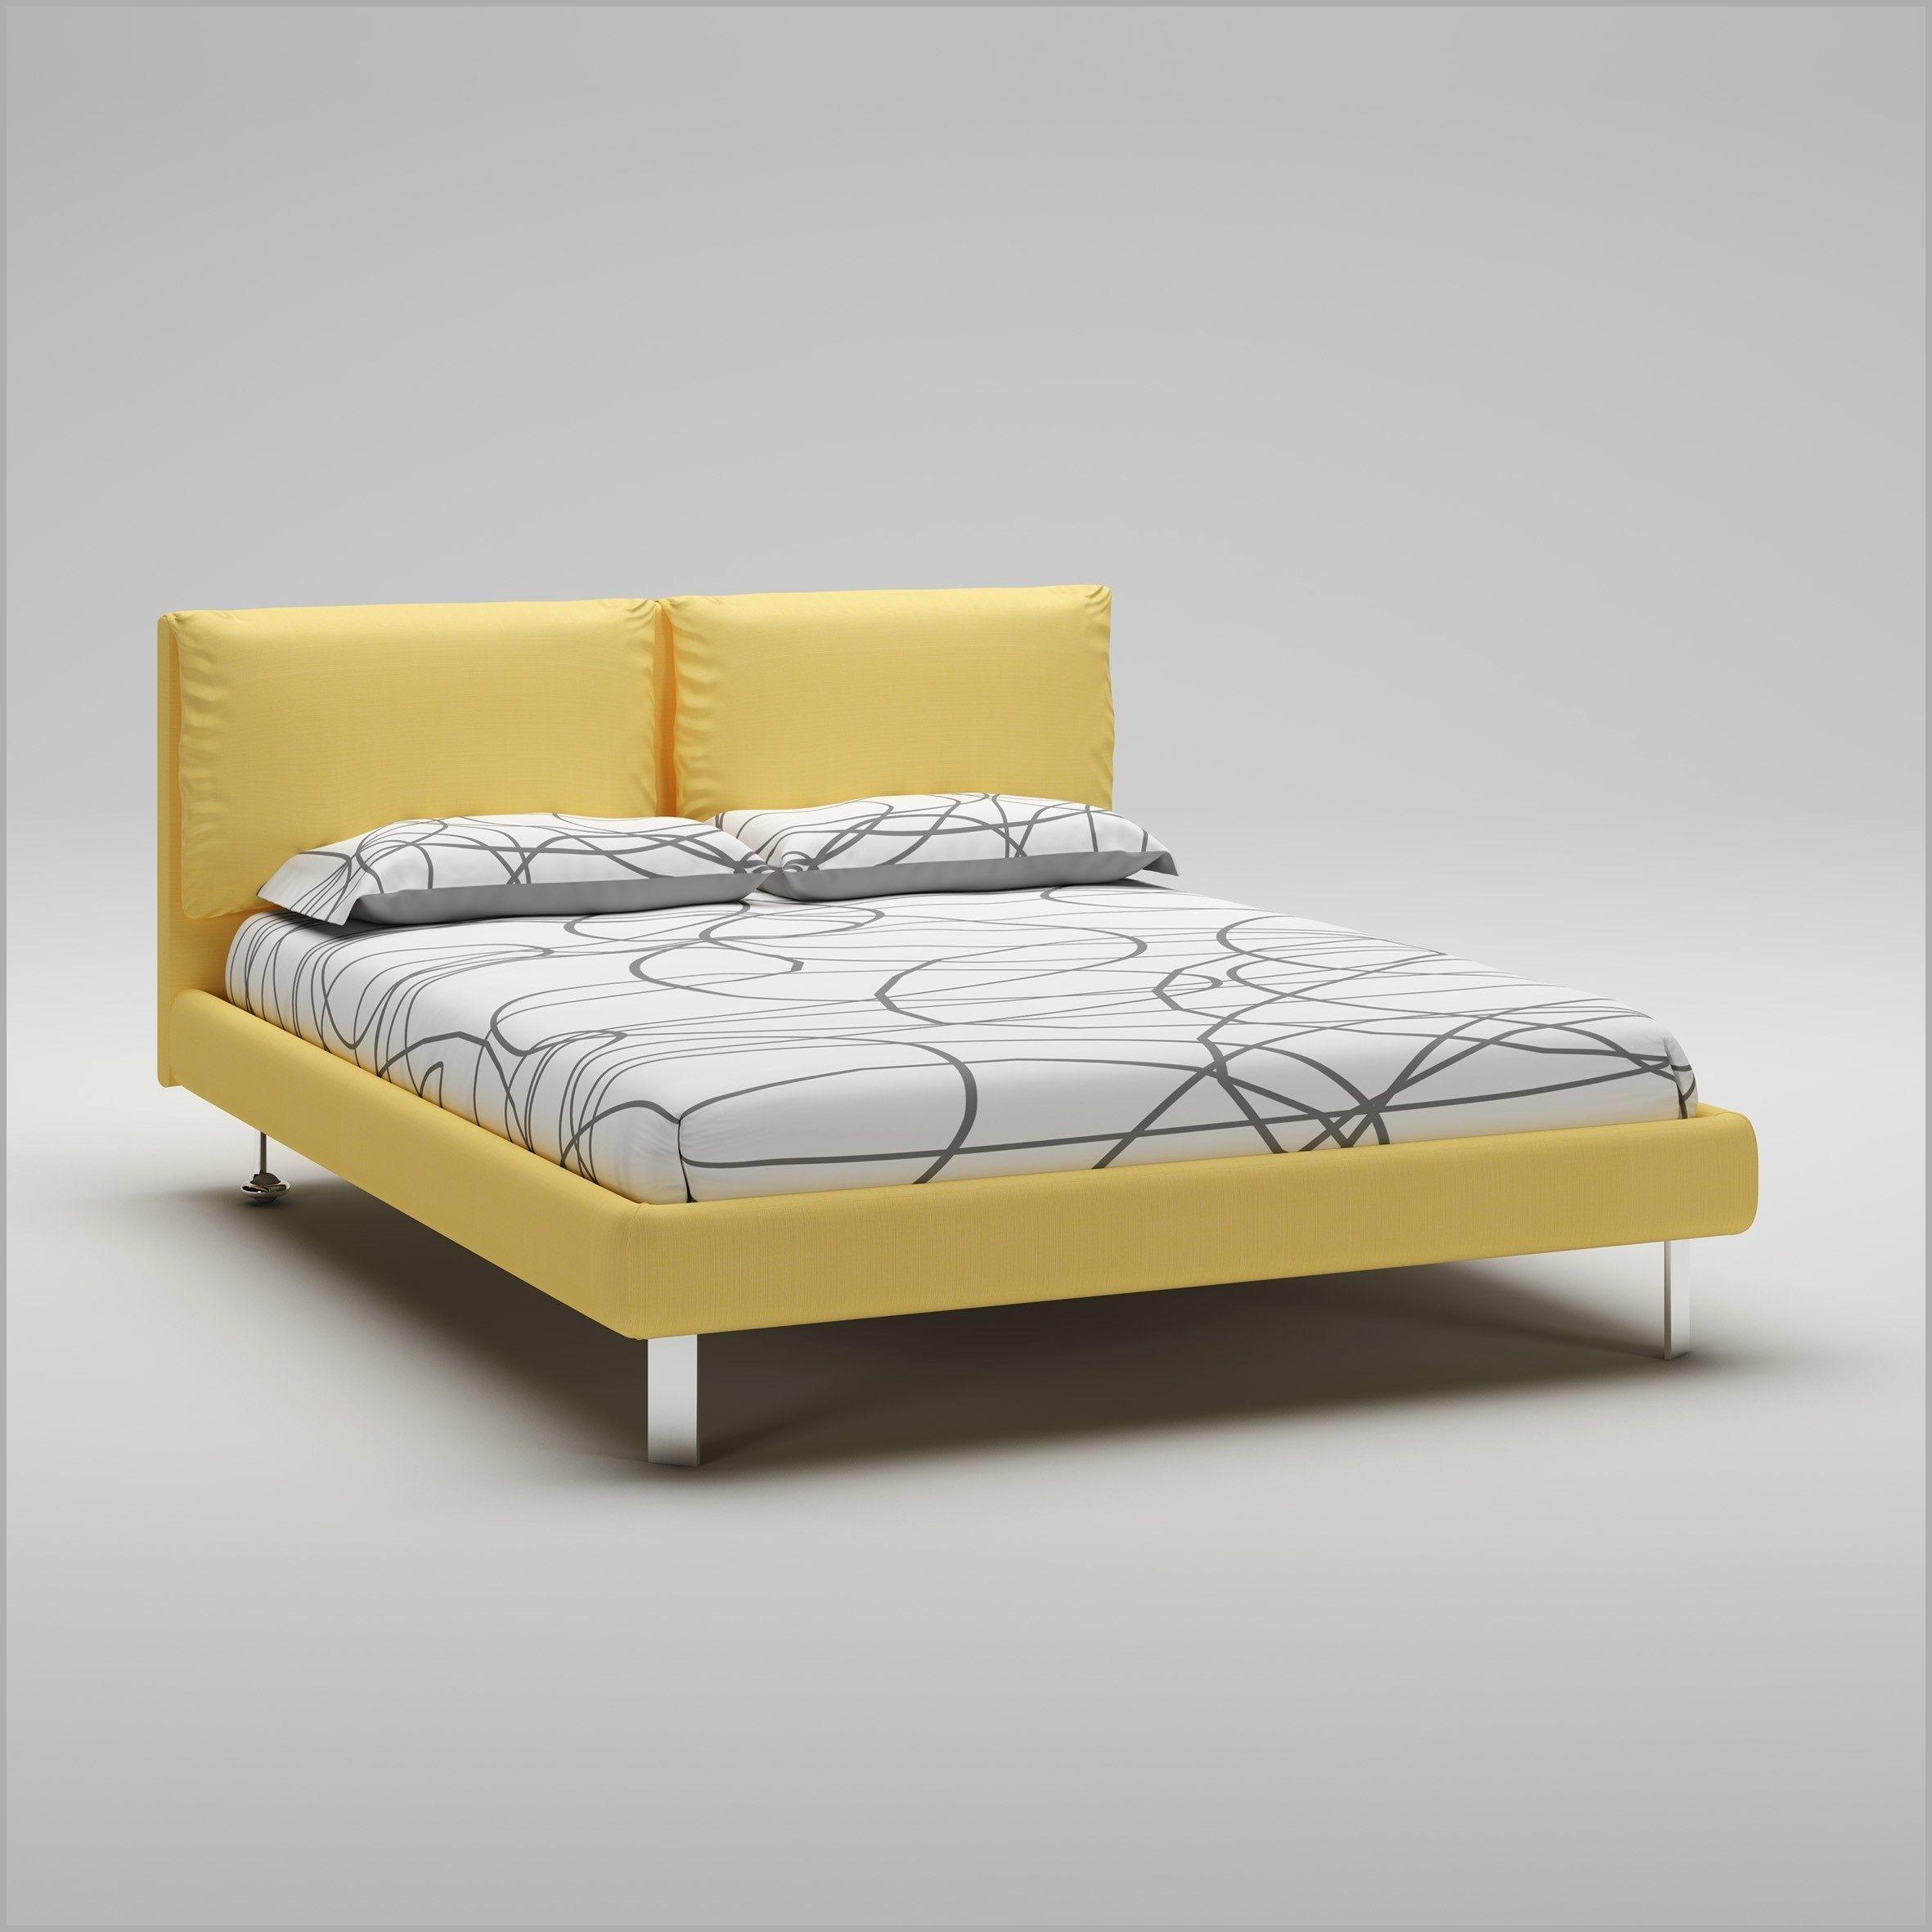 Lit 120×200 Ikea Magnifique Lit Haut Lit 160—200 Gris Frais Cadre De Lit Haut 160—200 Ikea Lit